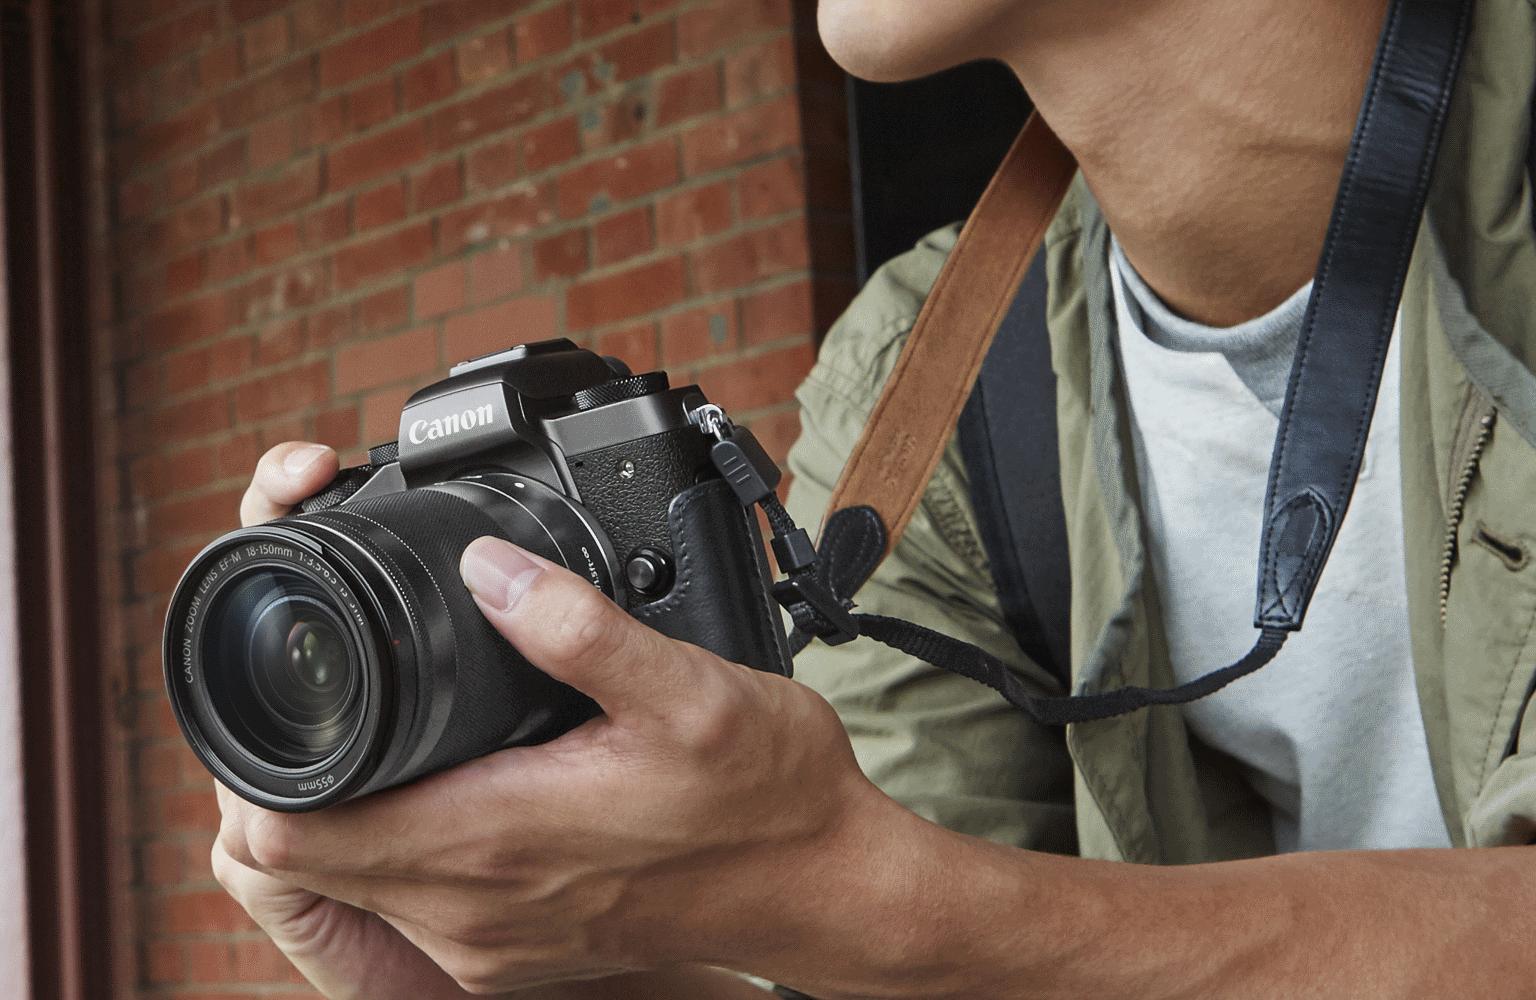 Canon_EOS_M5_Stendo_Image_1